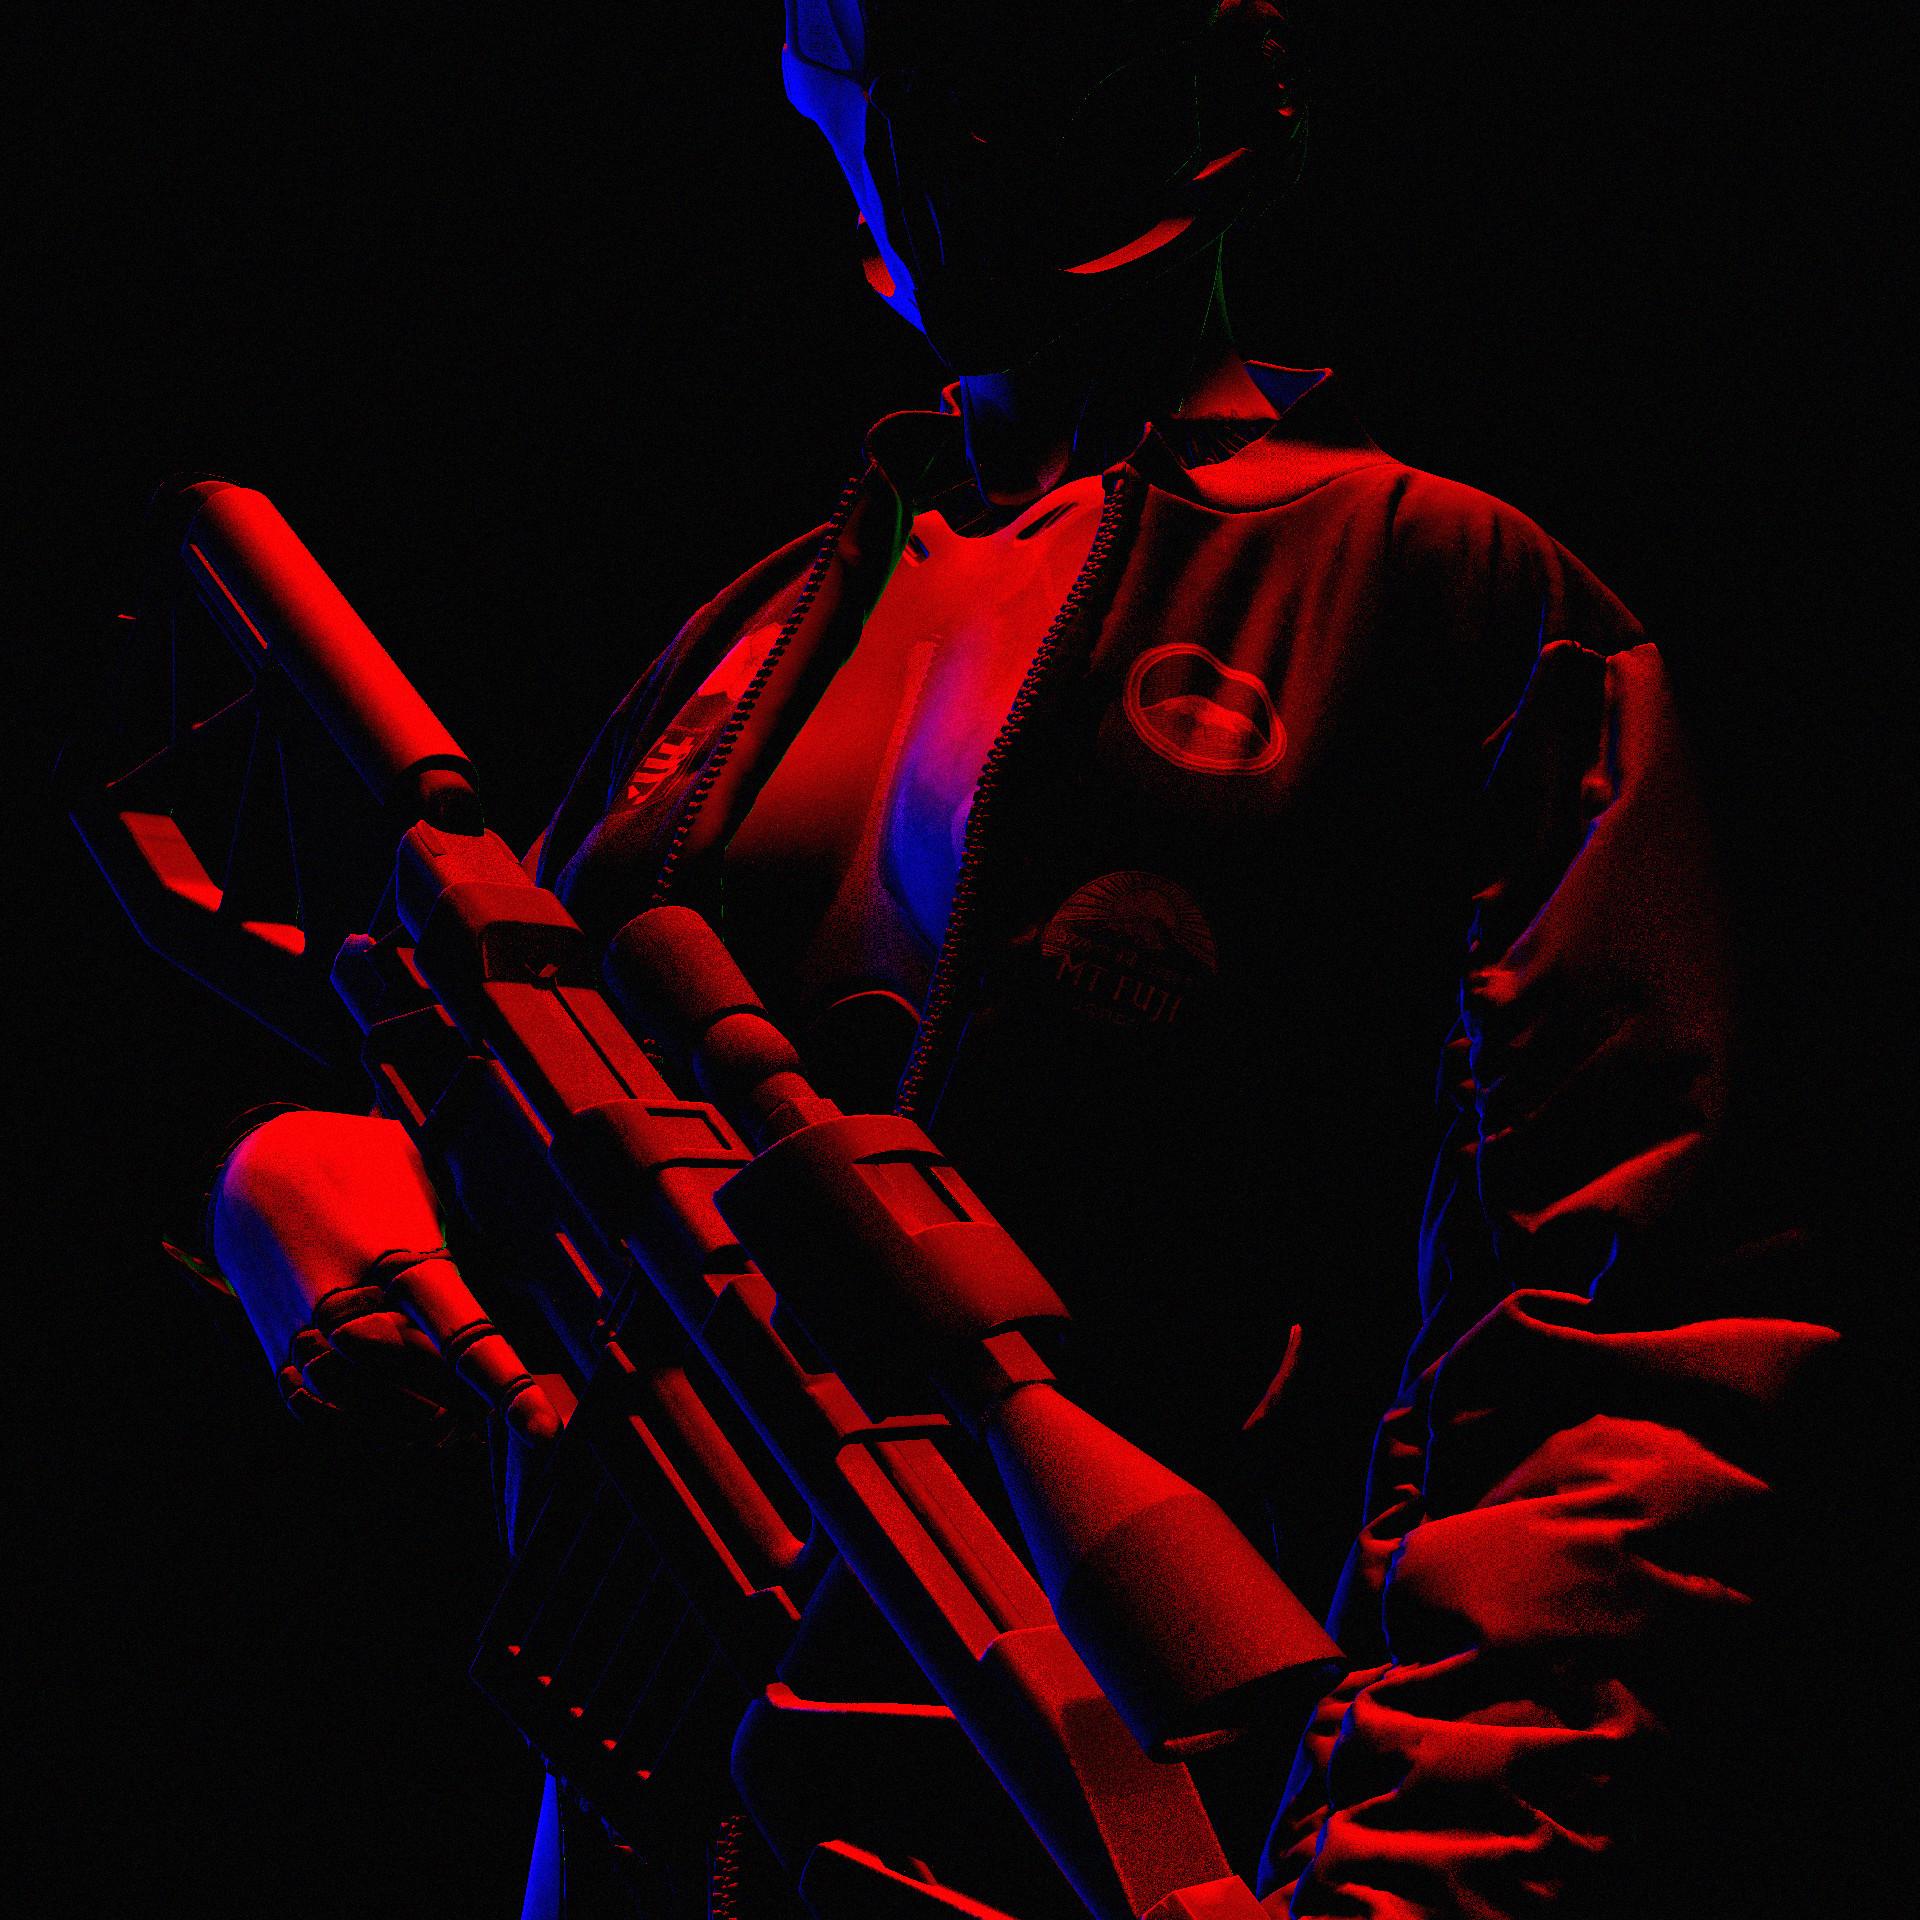 Tony skeor gun1111 24